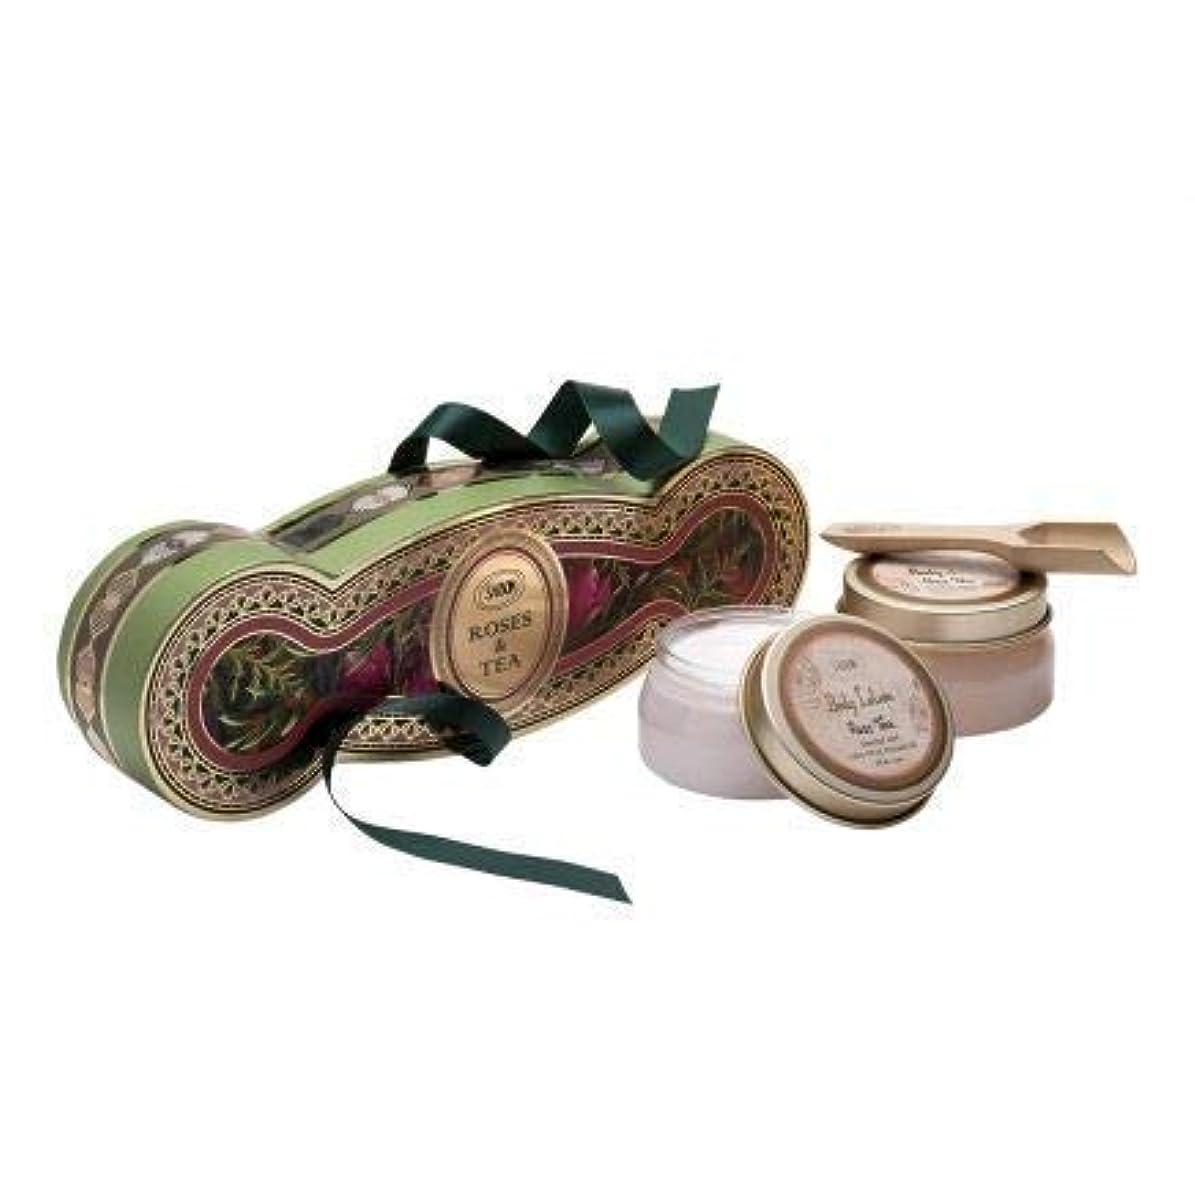 体キウイ緩むサボン コフレ ギフト ローズティー キット ボディスクラブ ボディローション ホワイトデー SABON Rose Tea kit コレクション